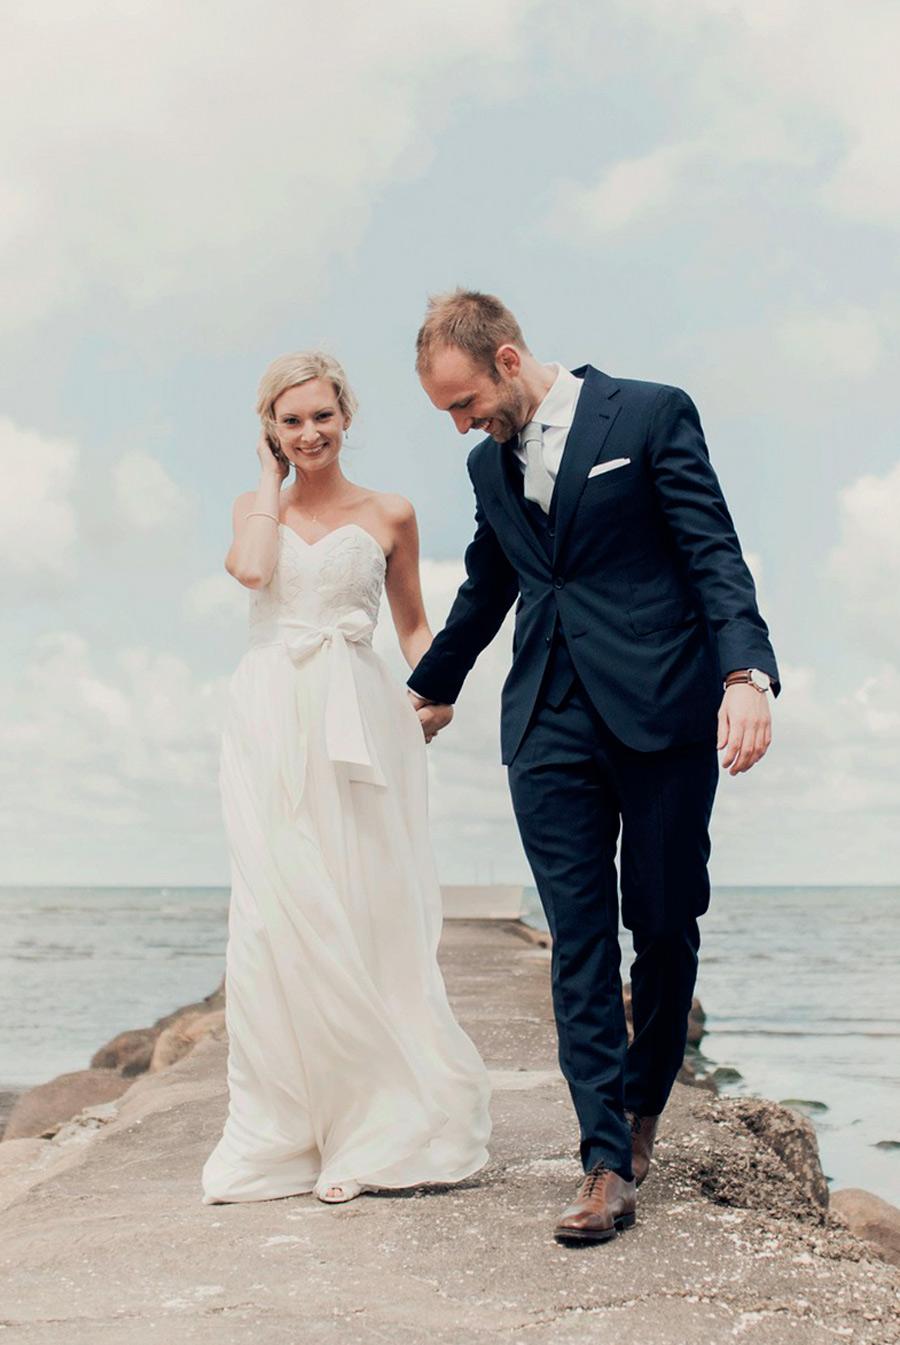 dagshög,båstad,bröllop,fotograf,lantligt,havet,